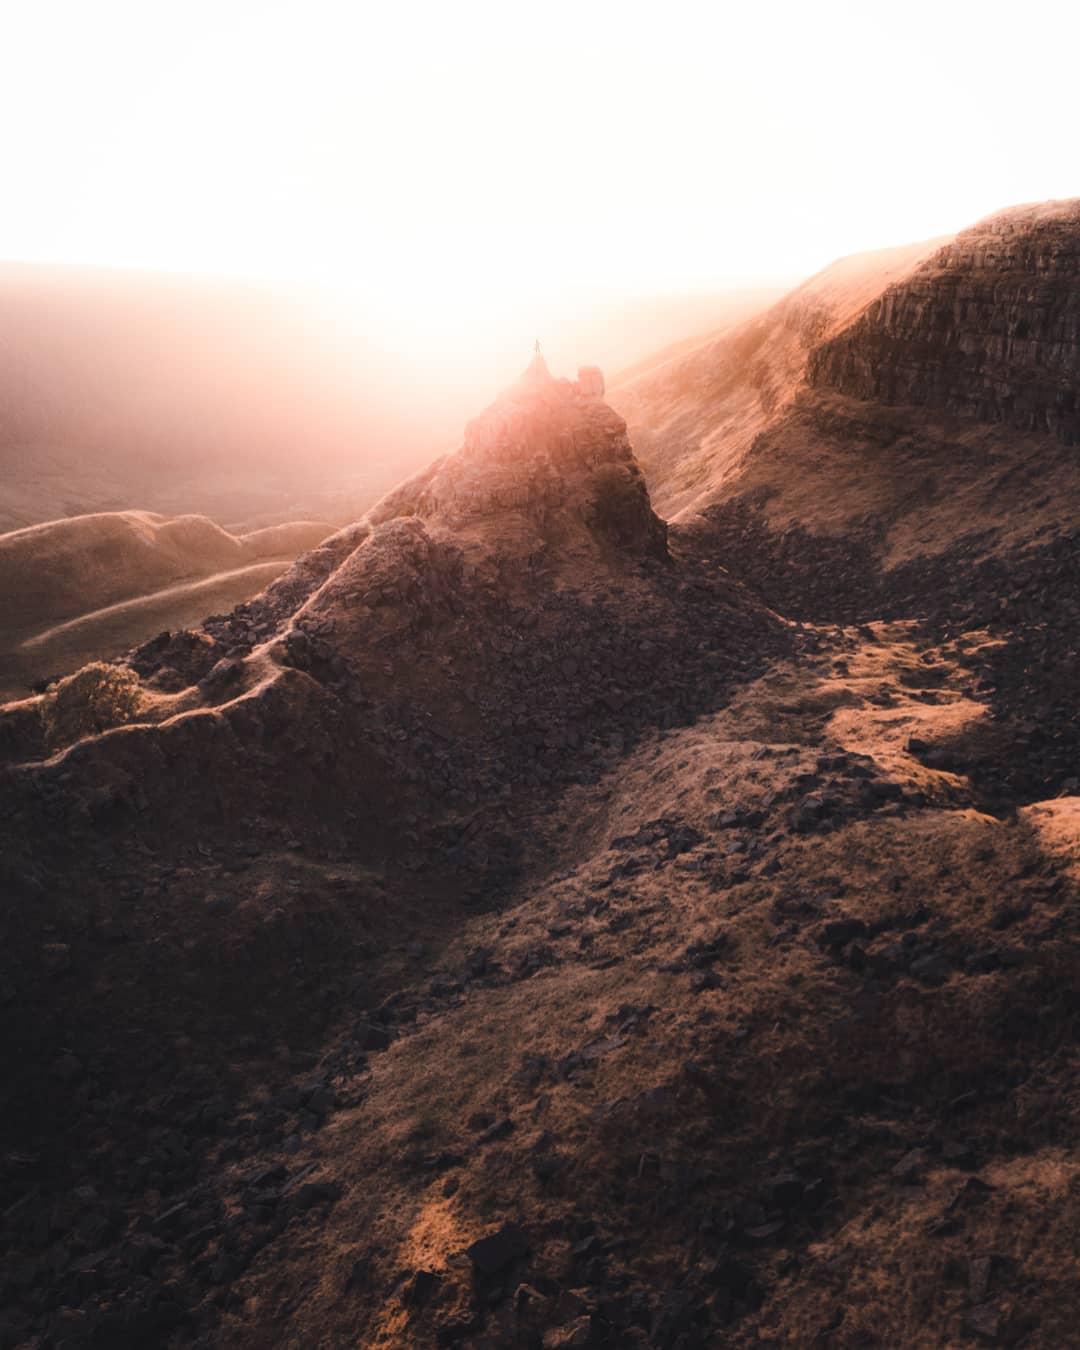 Захватывающие виды: пейзажи на снимках Люка Джексона-Кларка